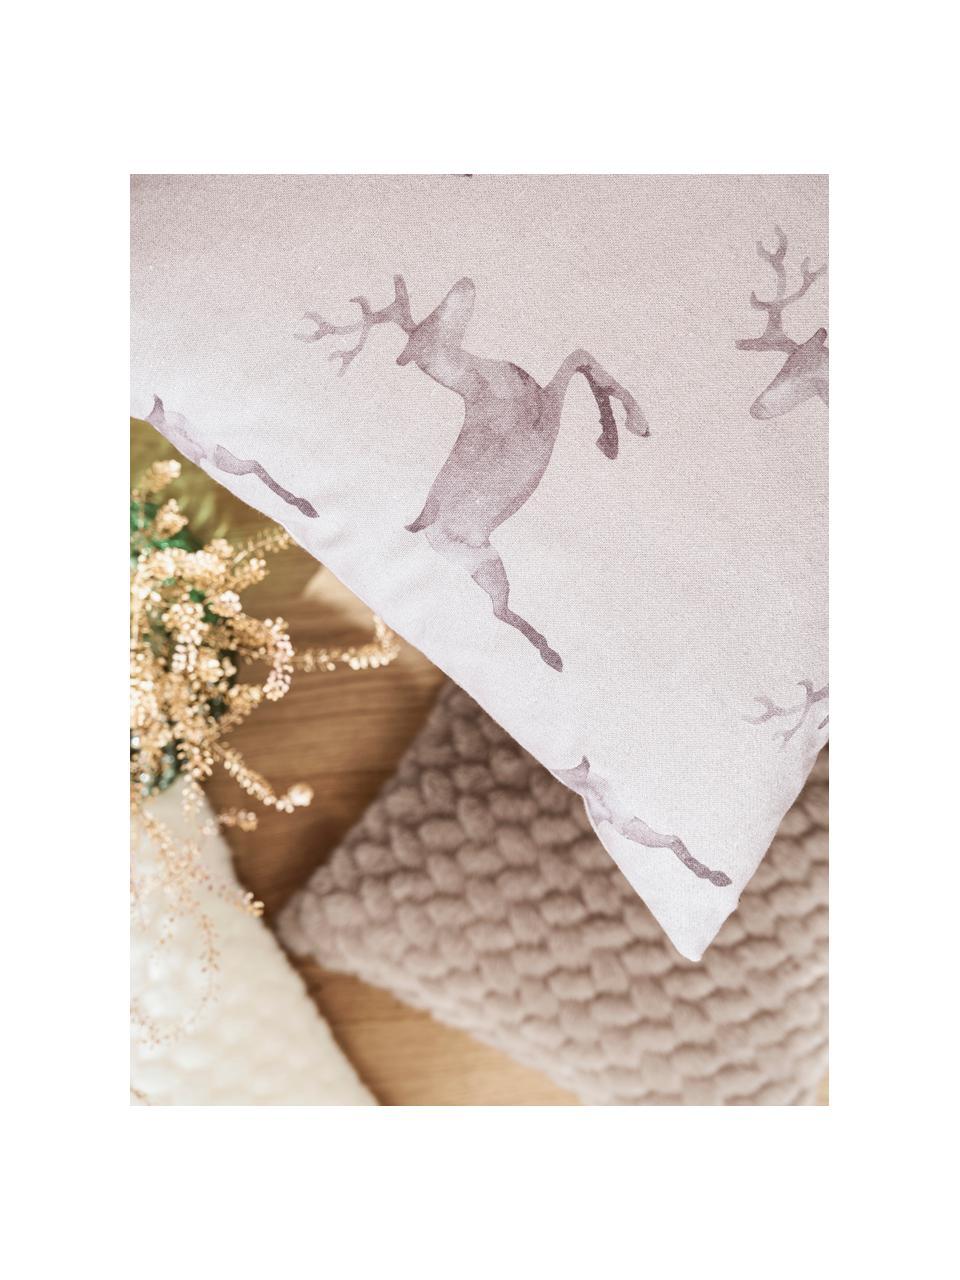 Housse de coussin 50x50 réversible motif cerf Rana, Tonsgris